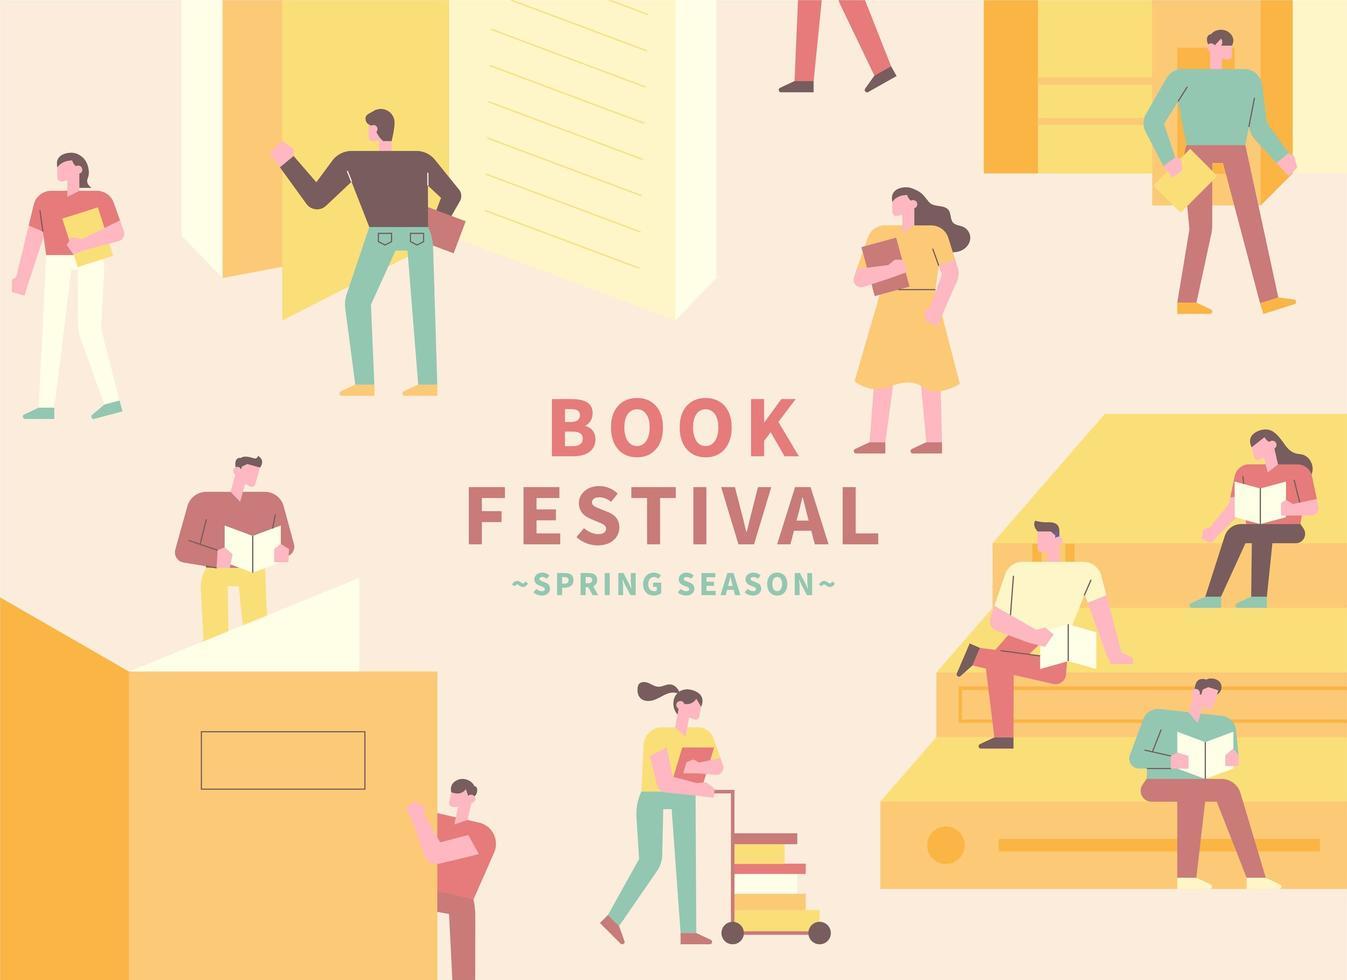 pôster do festival de livro vetor